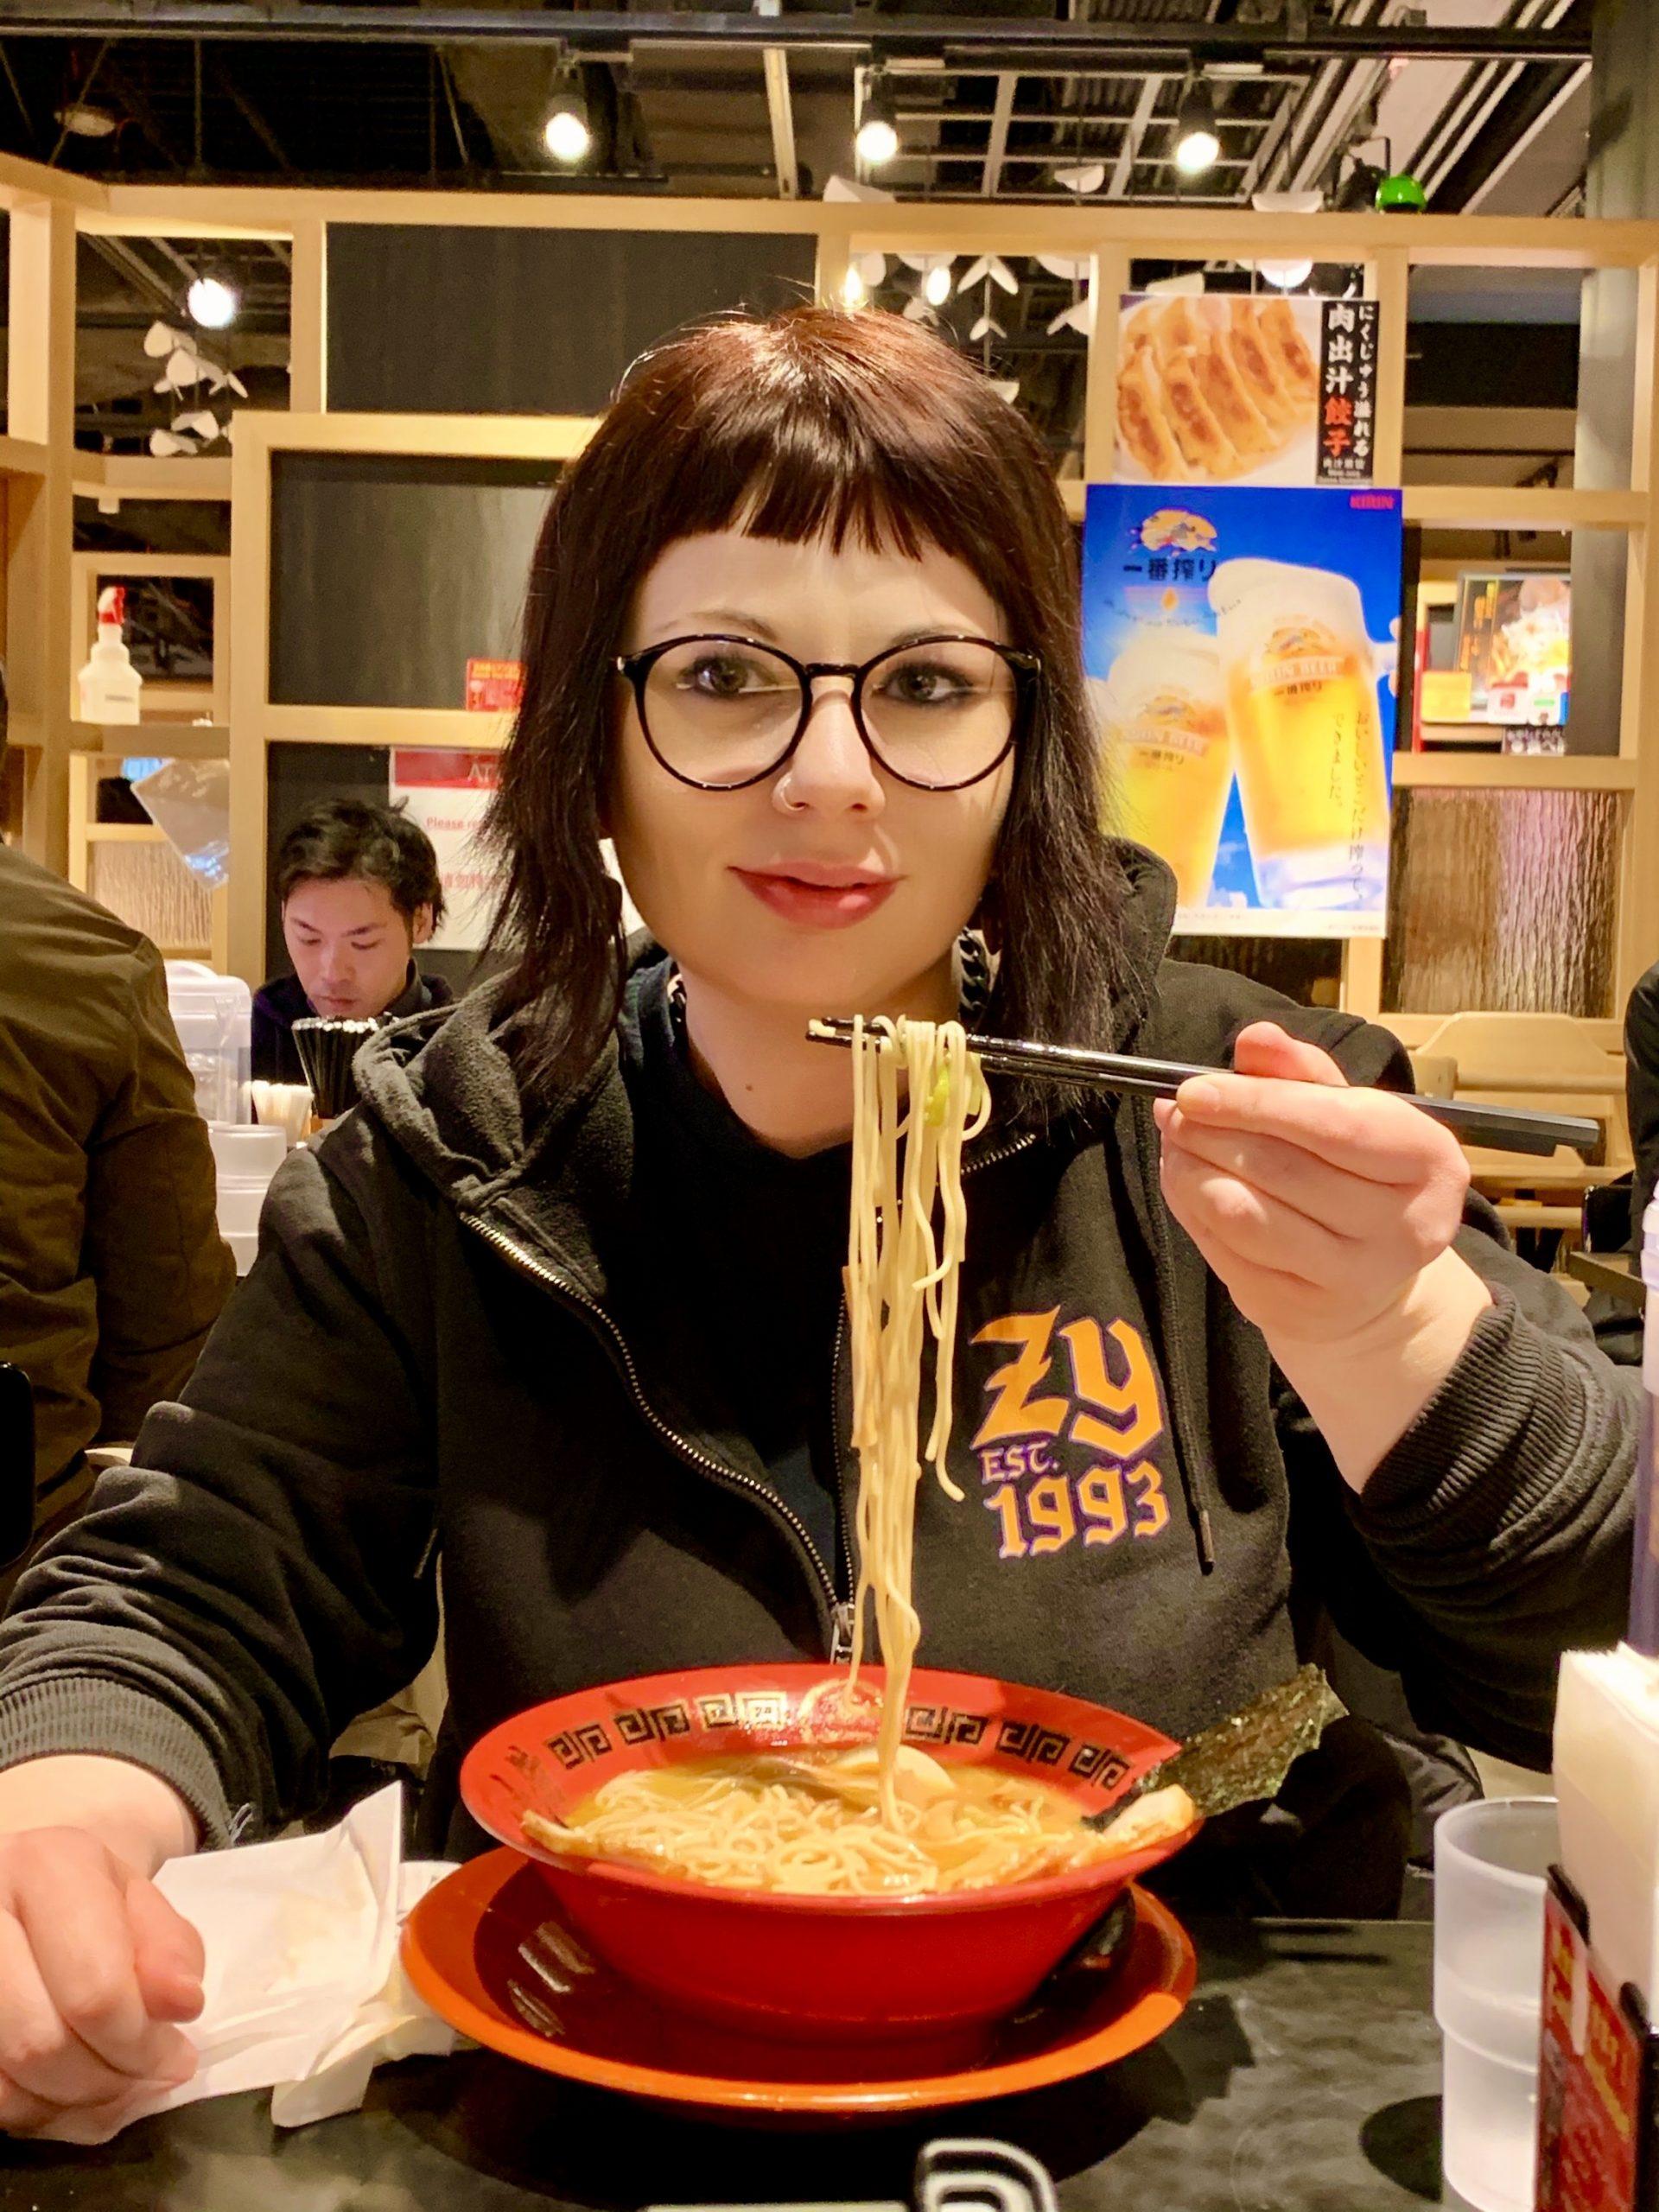 marzia con ramen a tokyo Il mio viaggio in Giappone traveltherapists blog giappone elina e marzia blogger miglior blog di viaggio